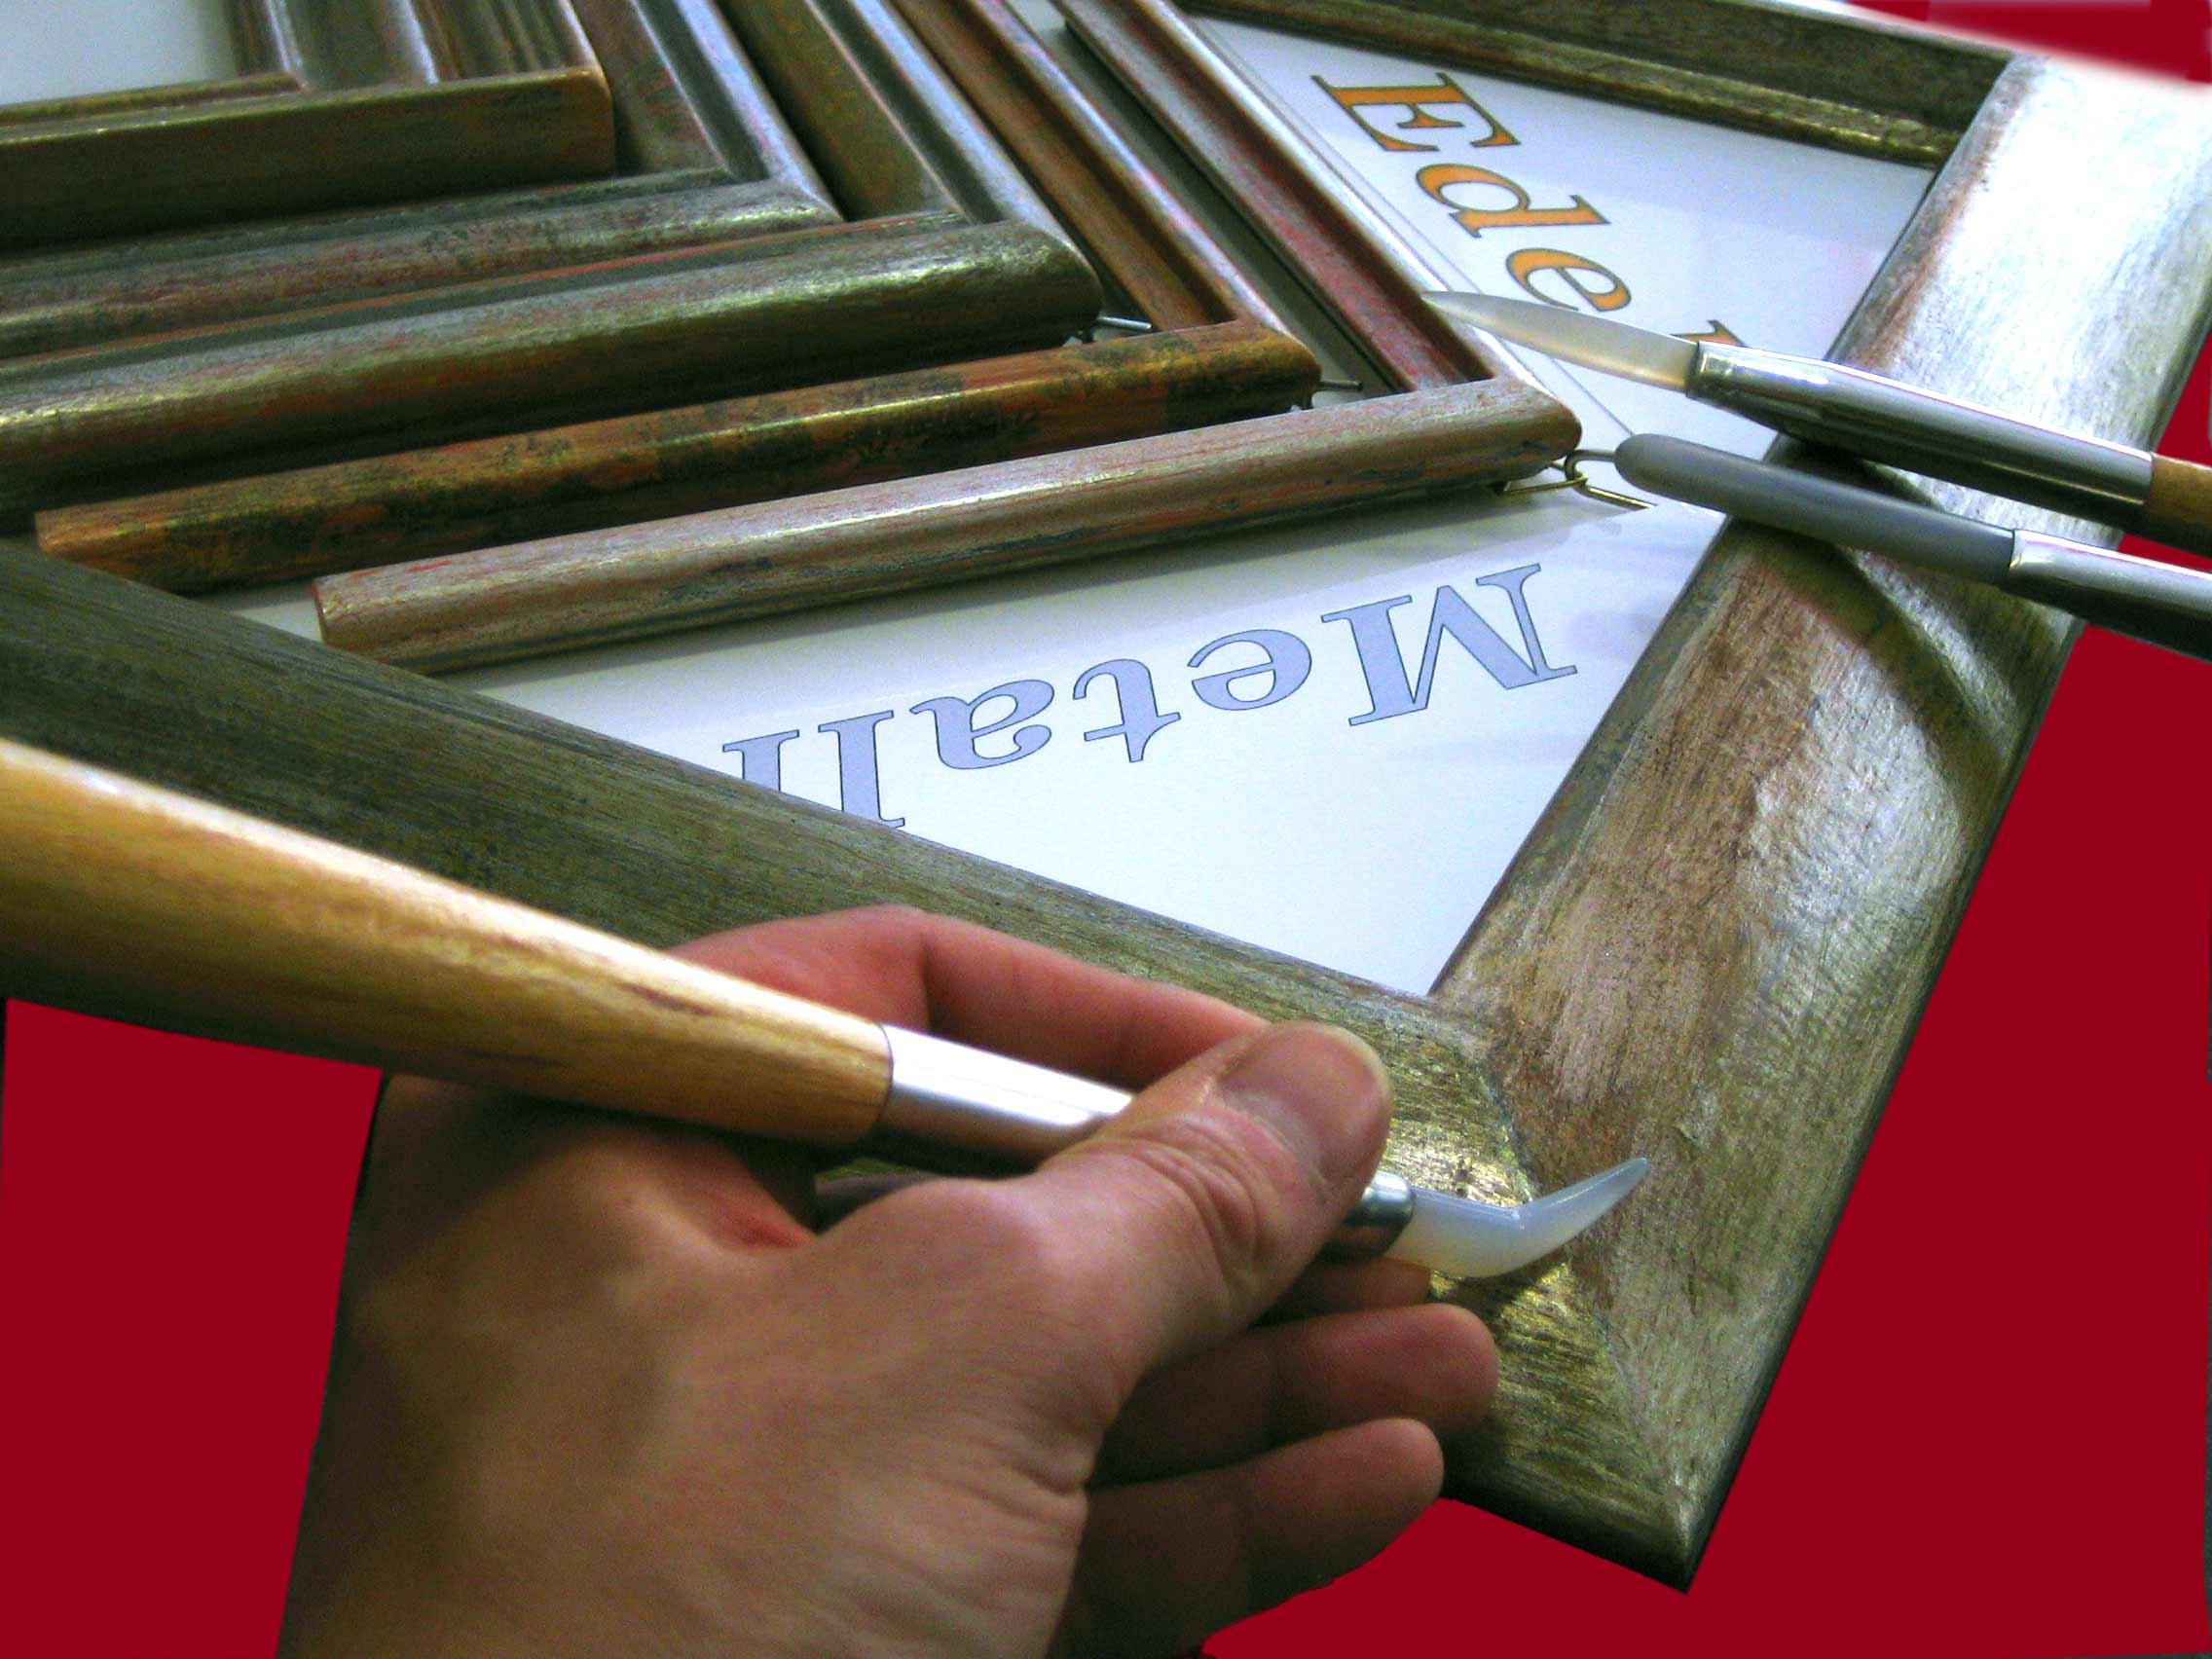 Rahmendesign - Edelmetallrahmen mit Achatstein